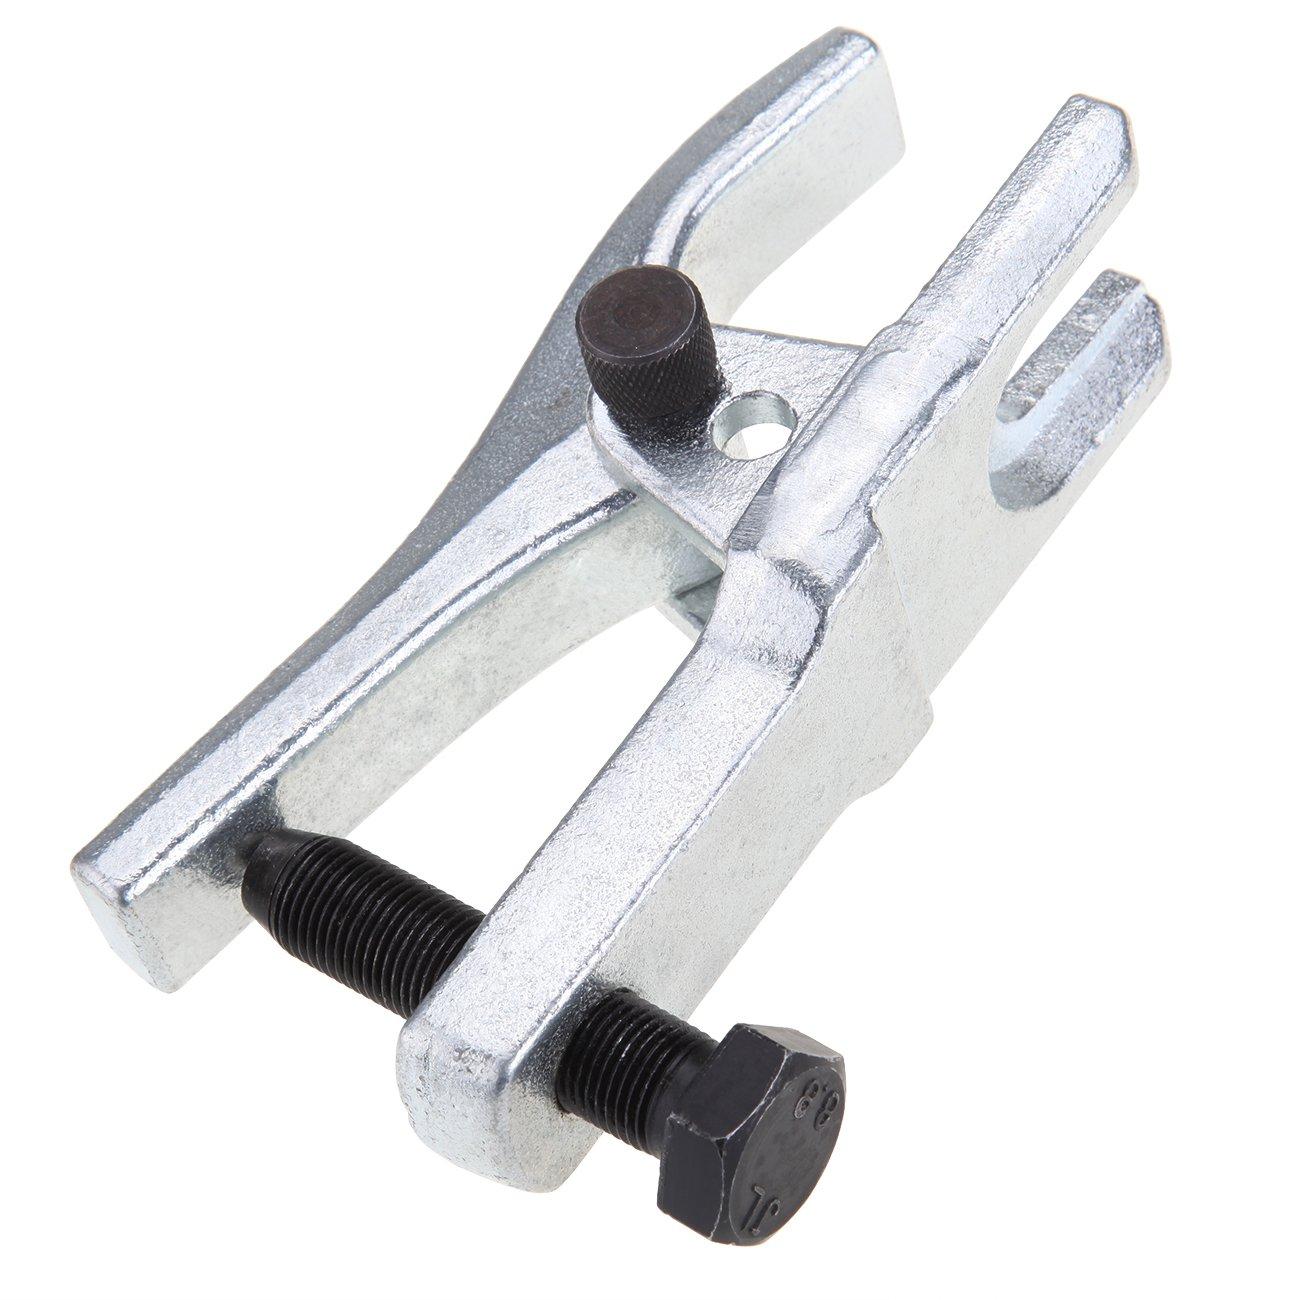 /18/mm ambienceo Universal Extractor de articulaci/ón esf/érica extractor separador herramienta 22/